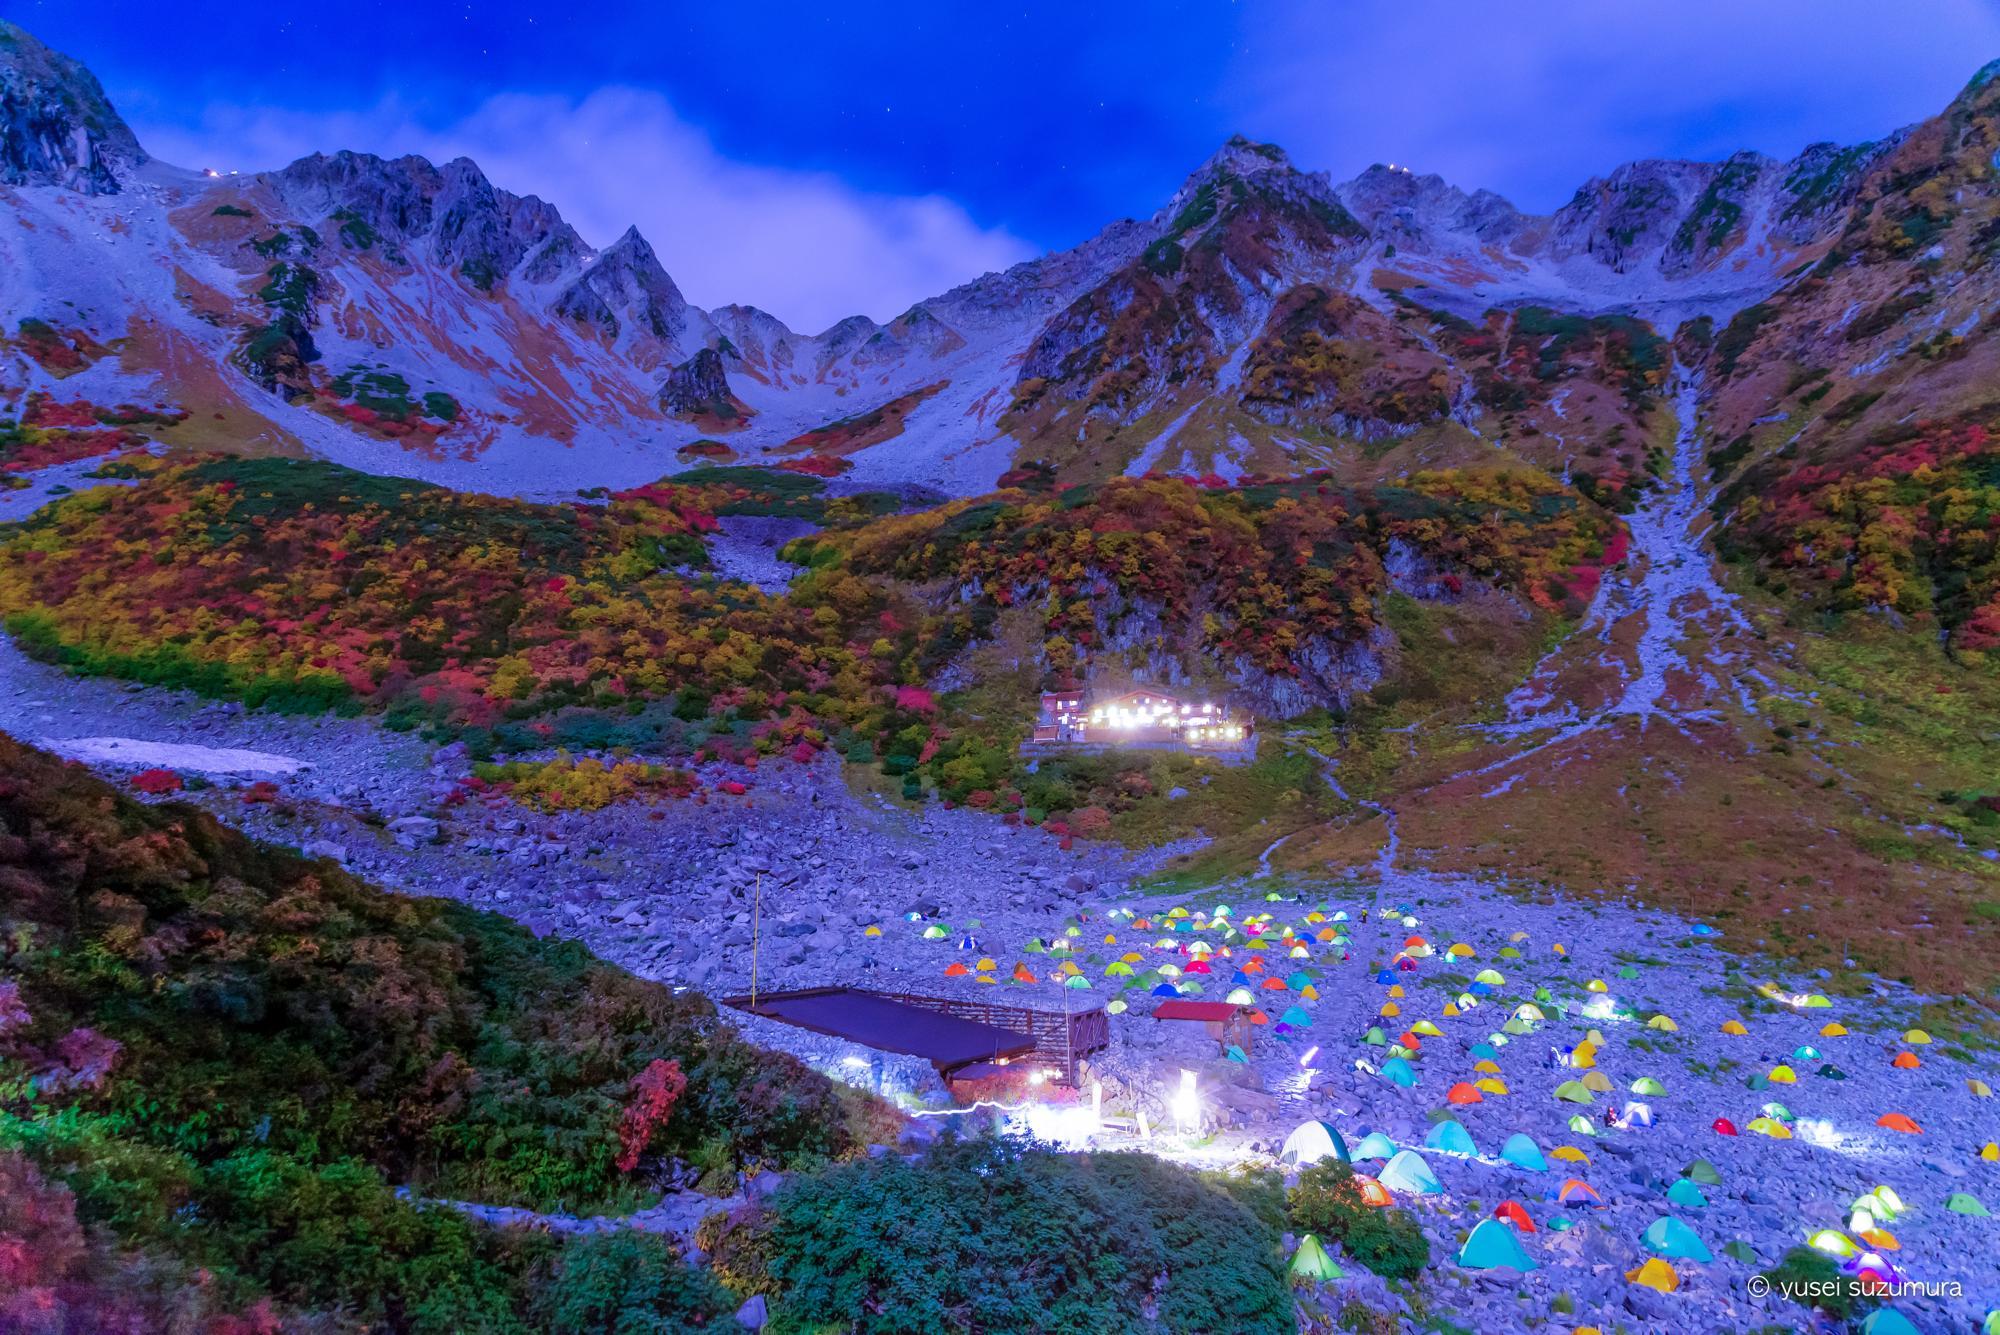 涸沢から北穂高岳へ。そして星空とテントと涸沢の紅葉。